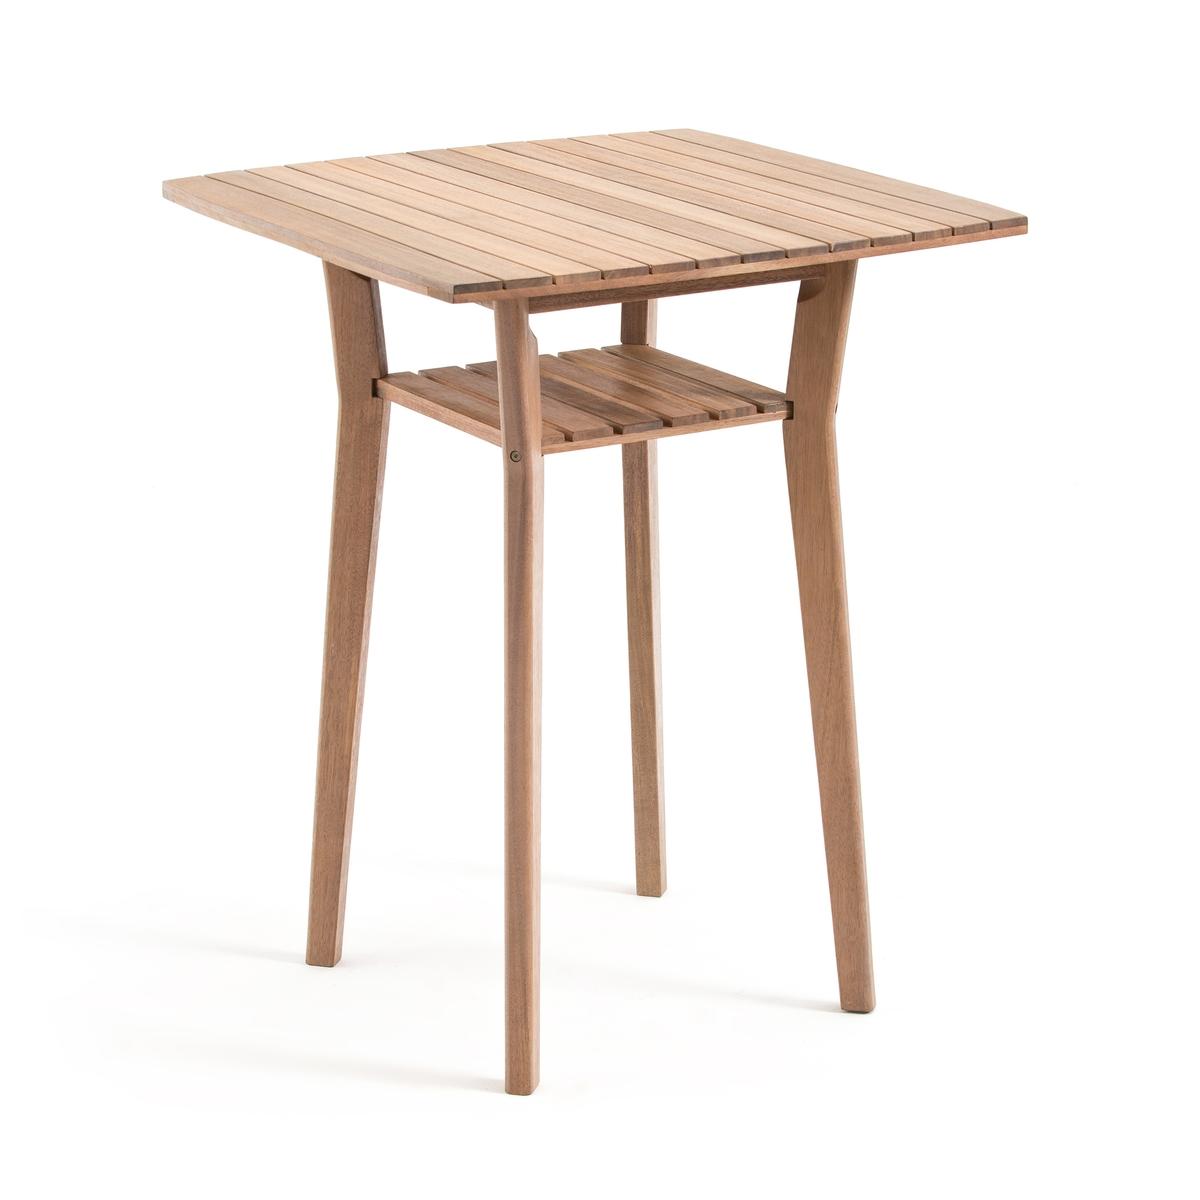 Стол барный высокий для сада из акации, GAYTARA стол для сада из акации fsc caleb